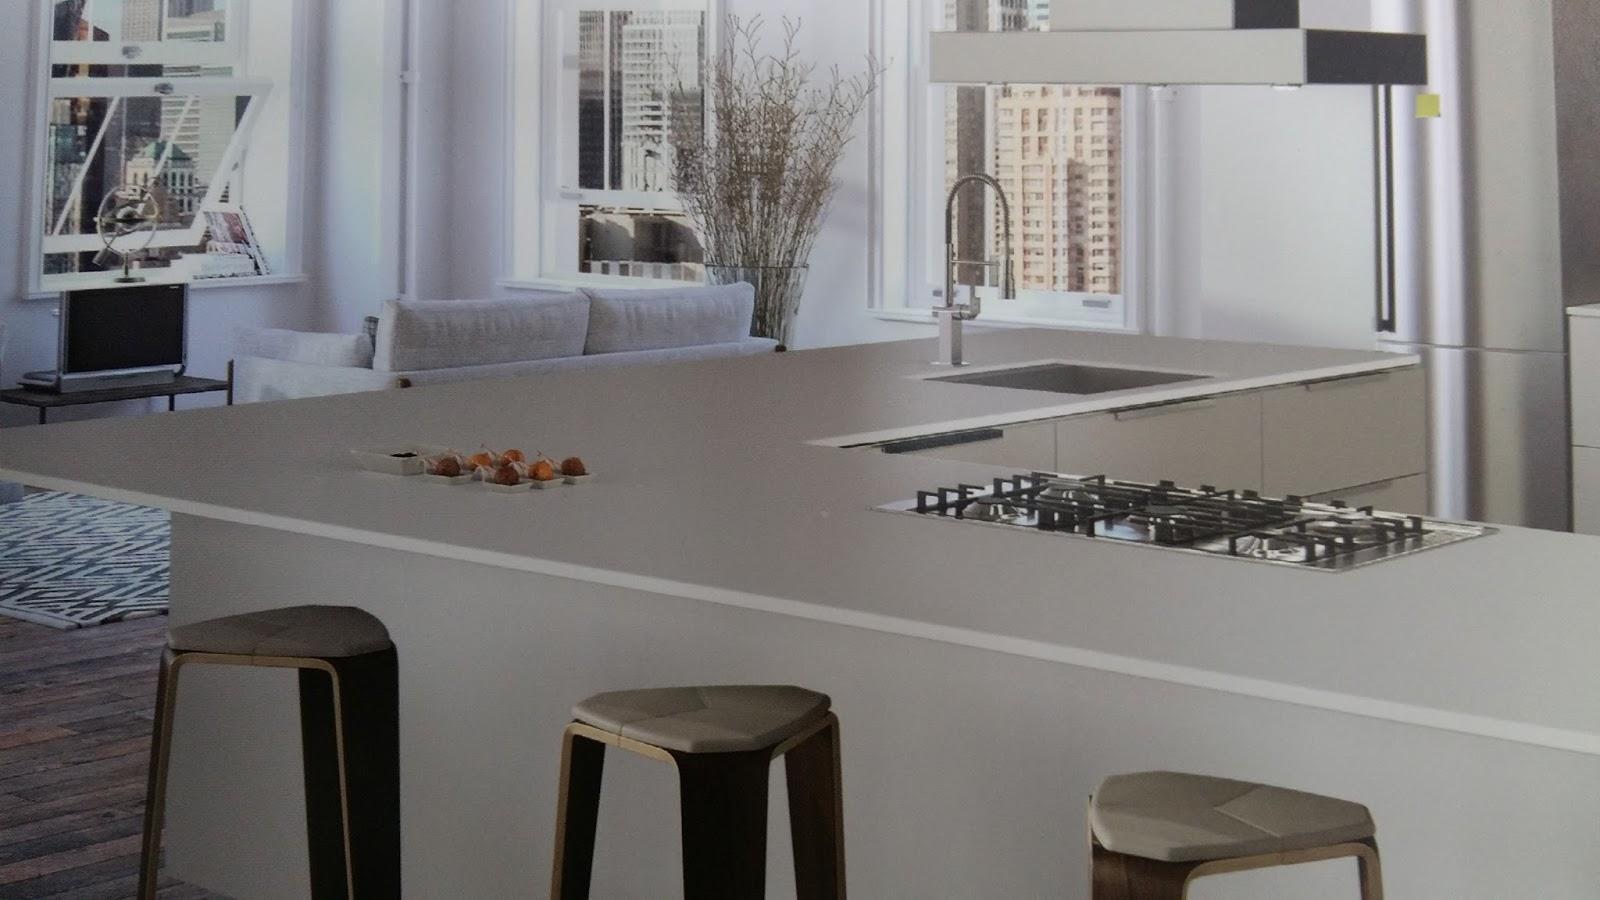 Plathoo dise o de cocinas y ba os 3d reformar la cocina - Diseno de cocinas y banos ...